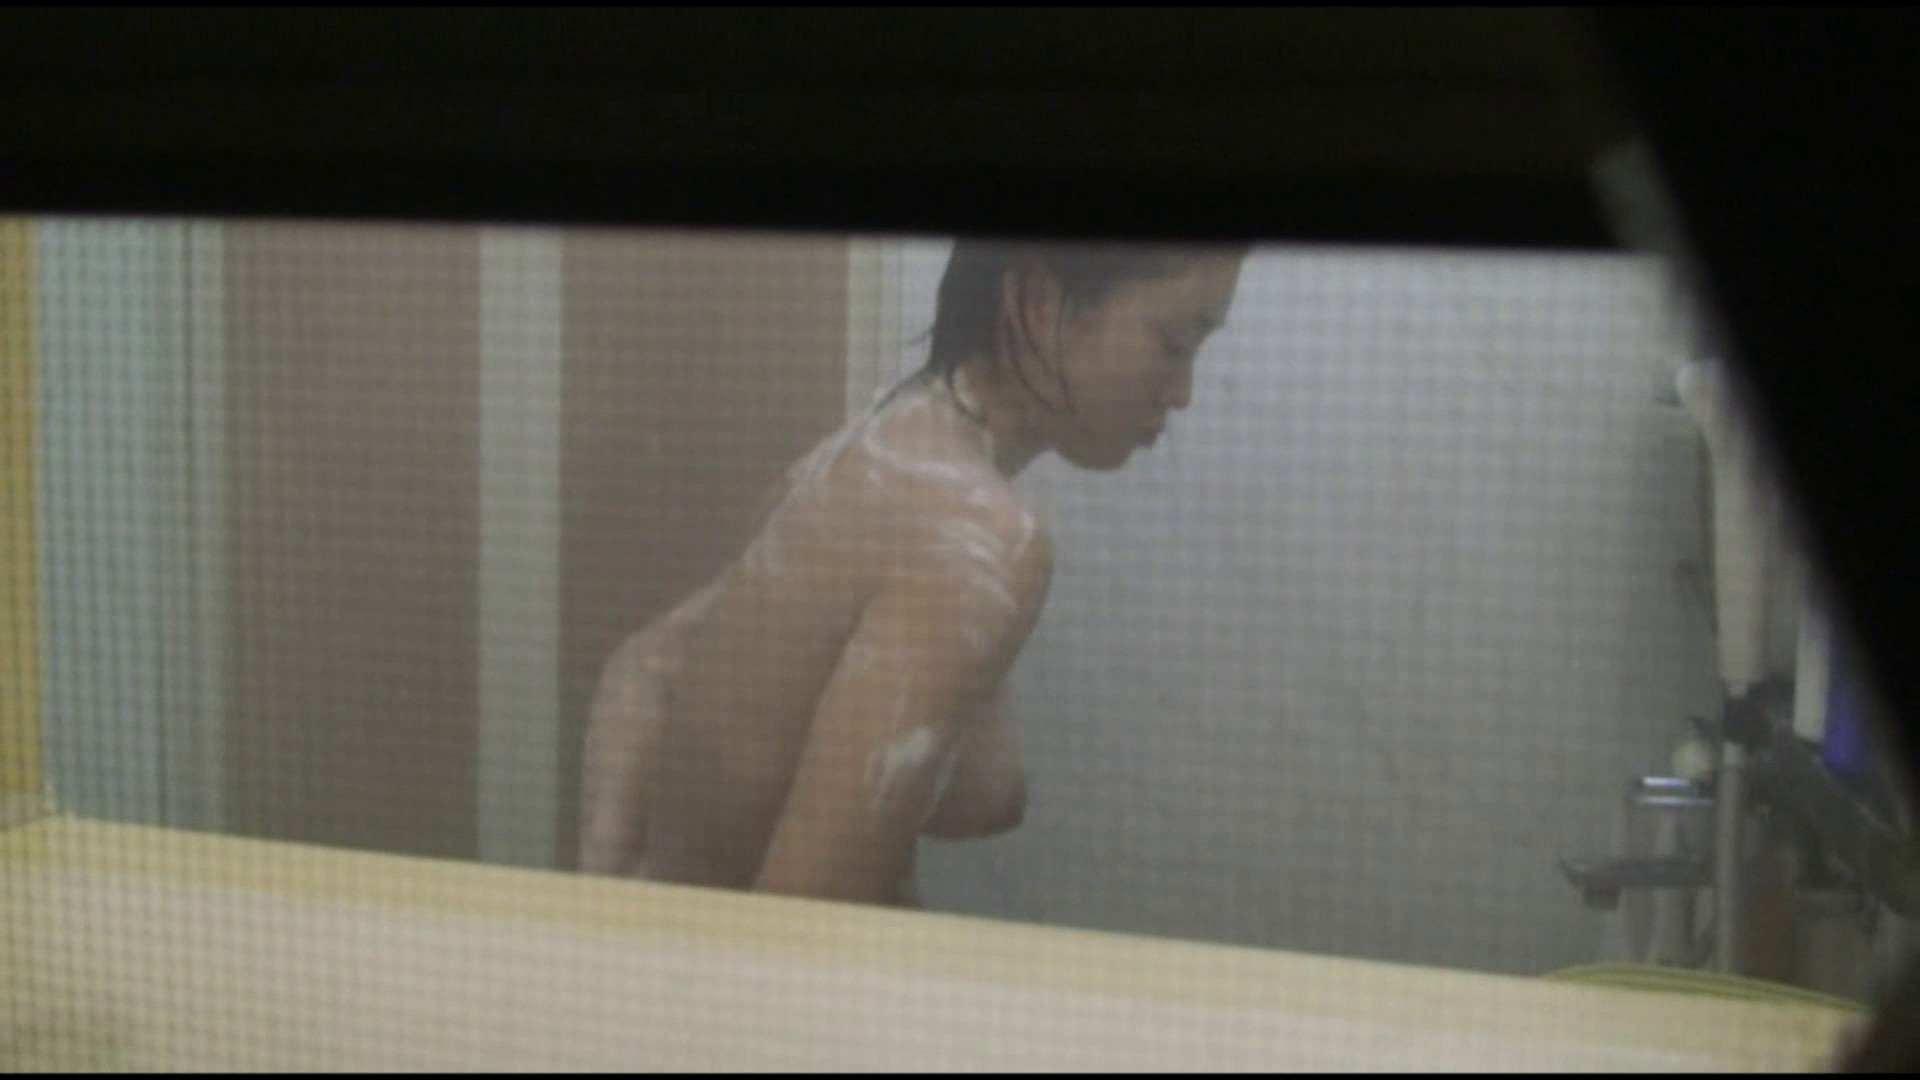 vol.04巨乳美人のおっぱいがプルルンッと弾けてます!風呂上りも必見 むっちり セックス無修正動画無料 78画像 60